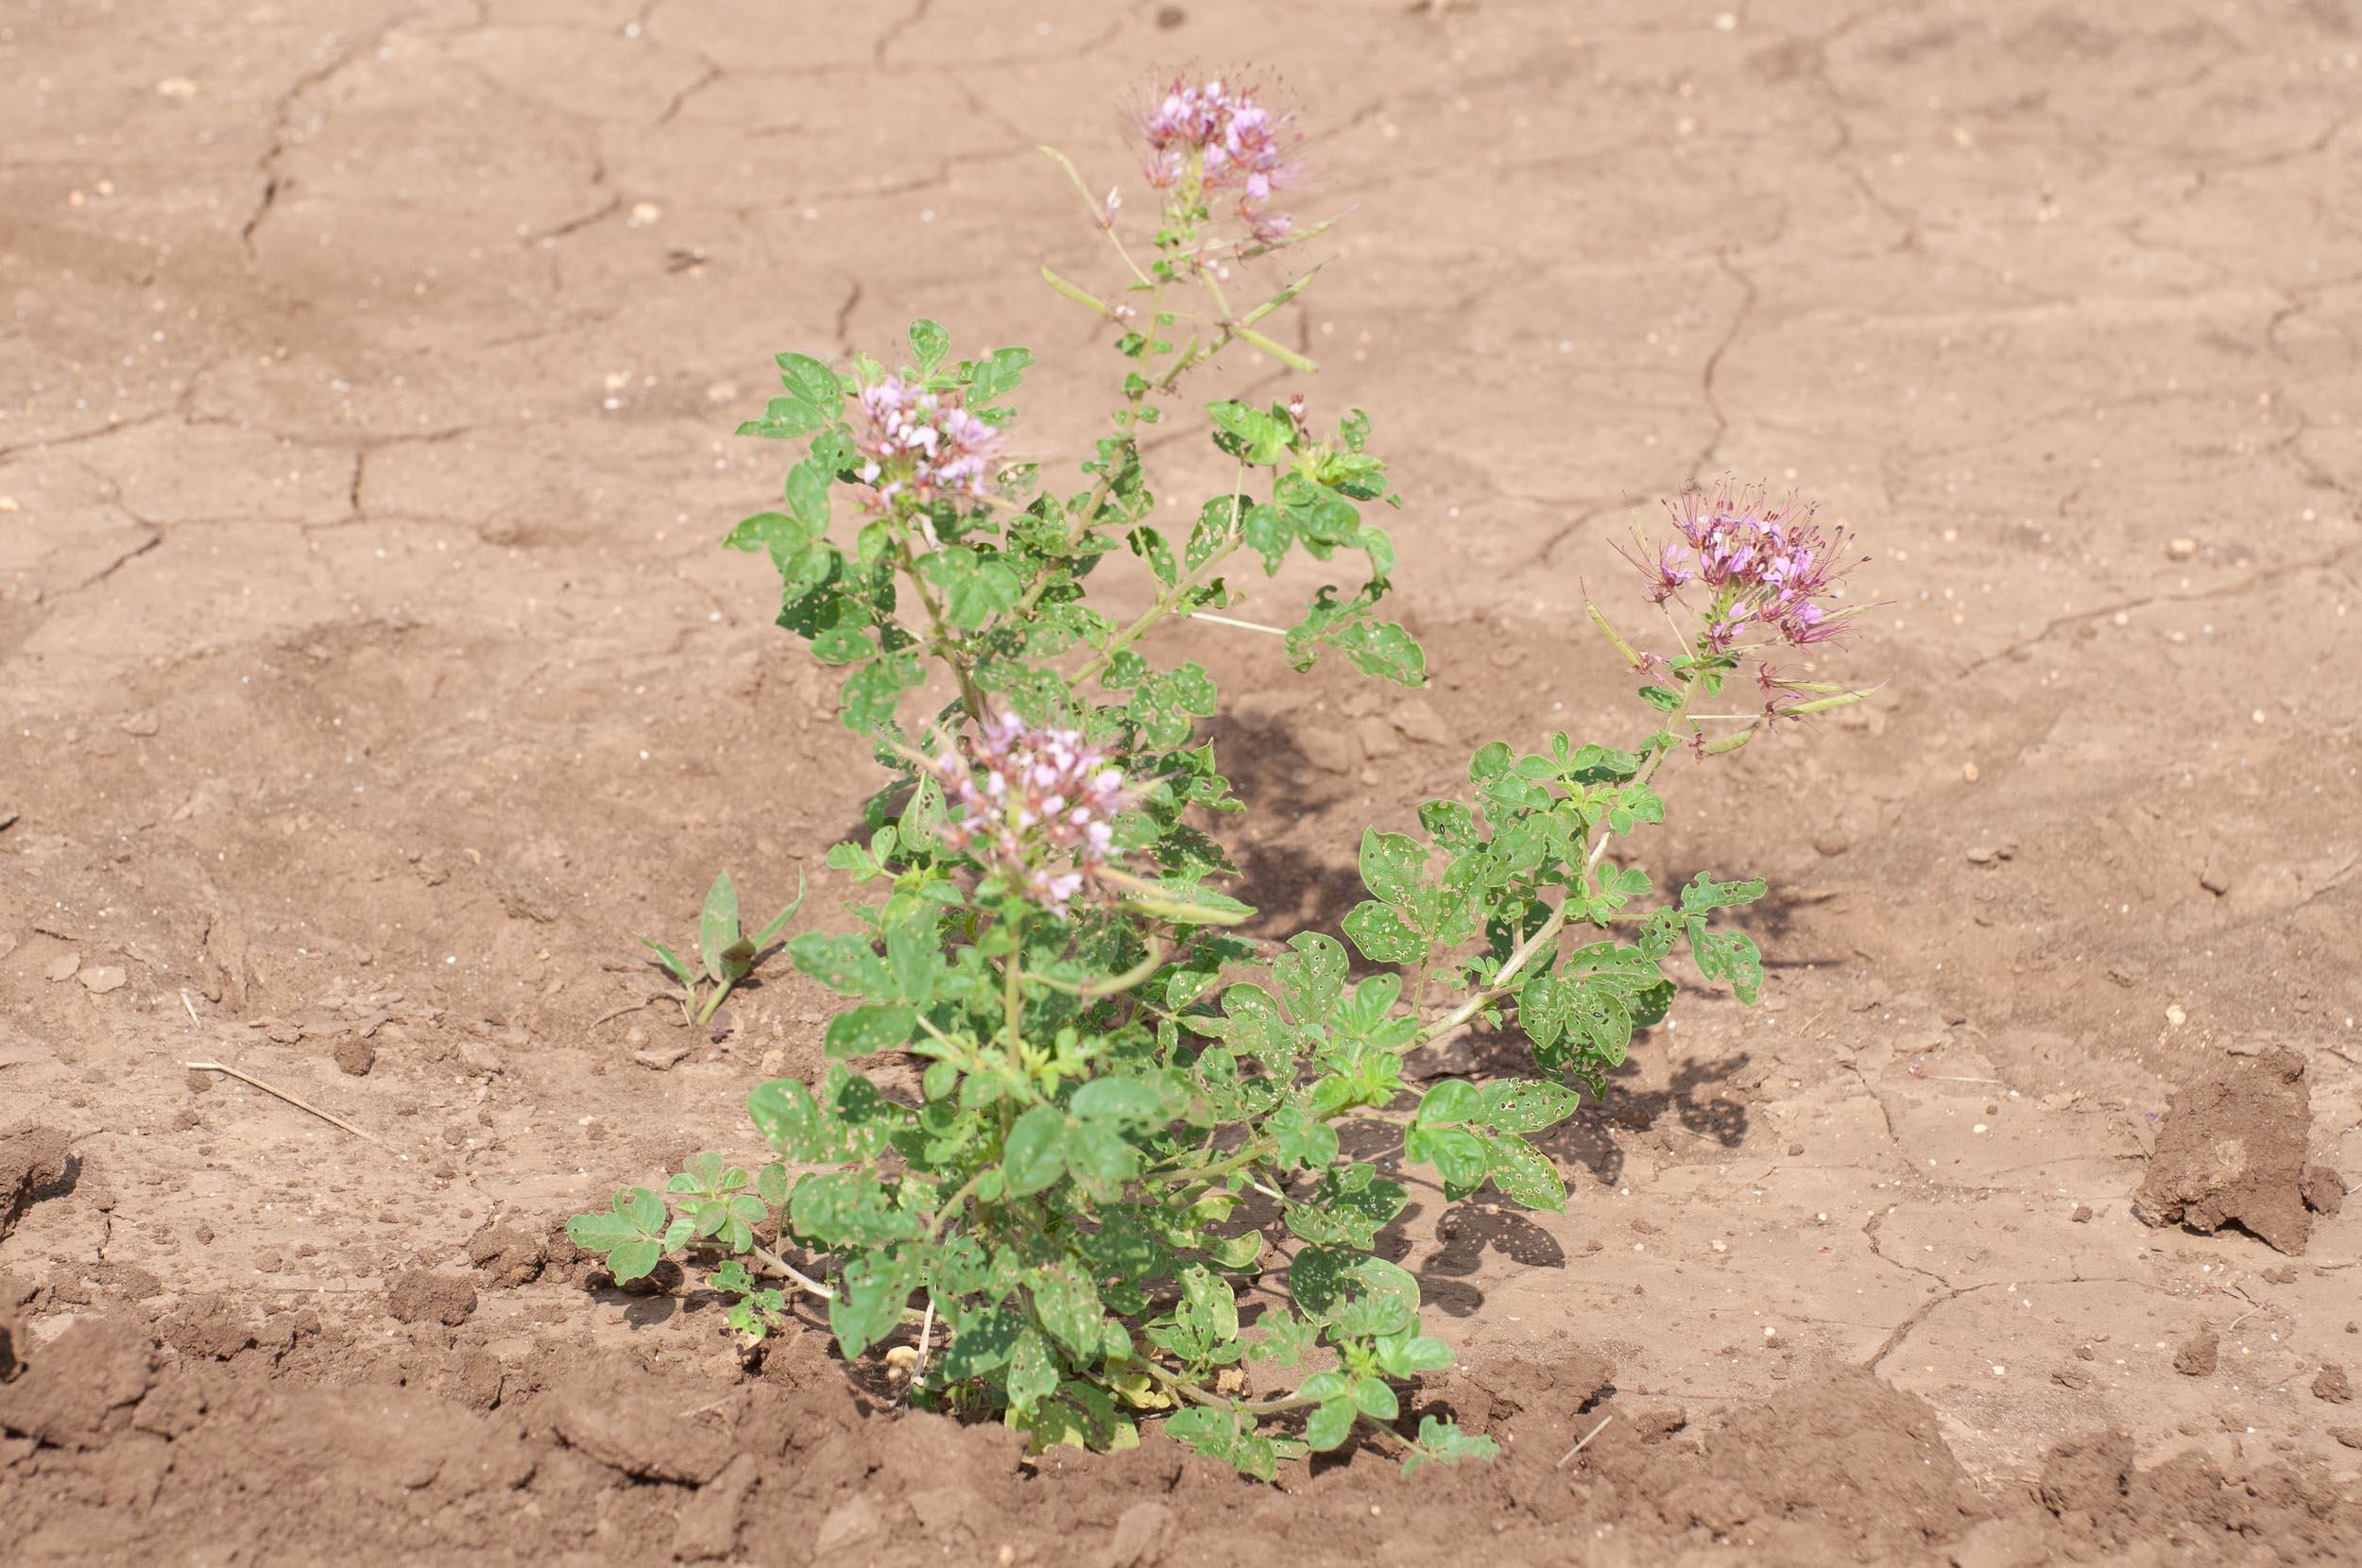 Zapata Rio Grande clammyweed